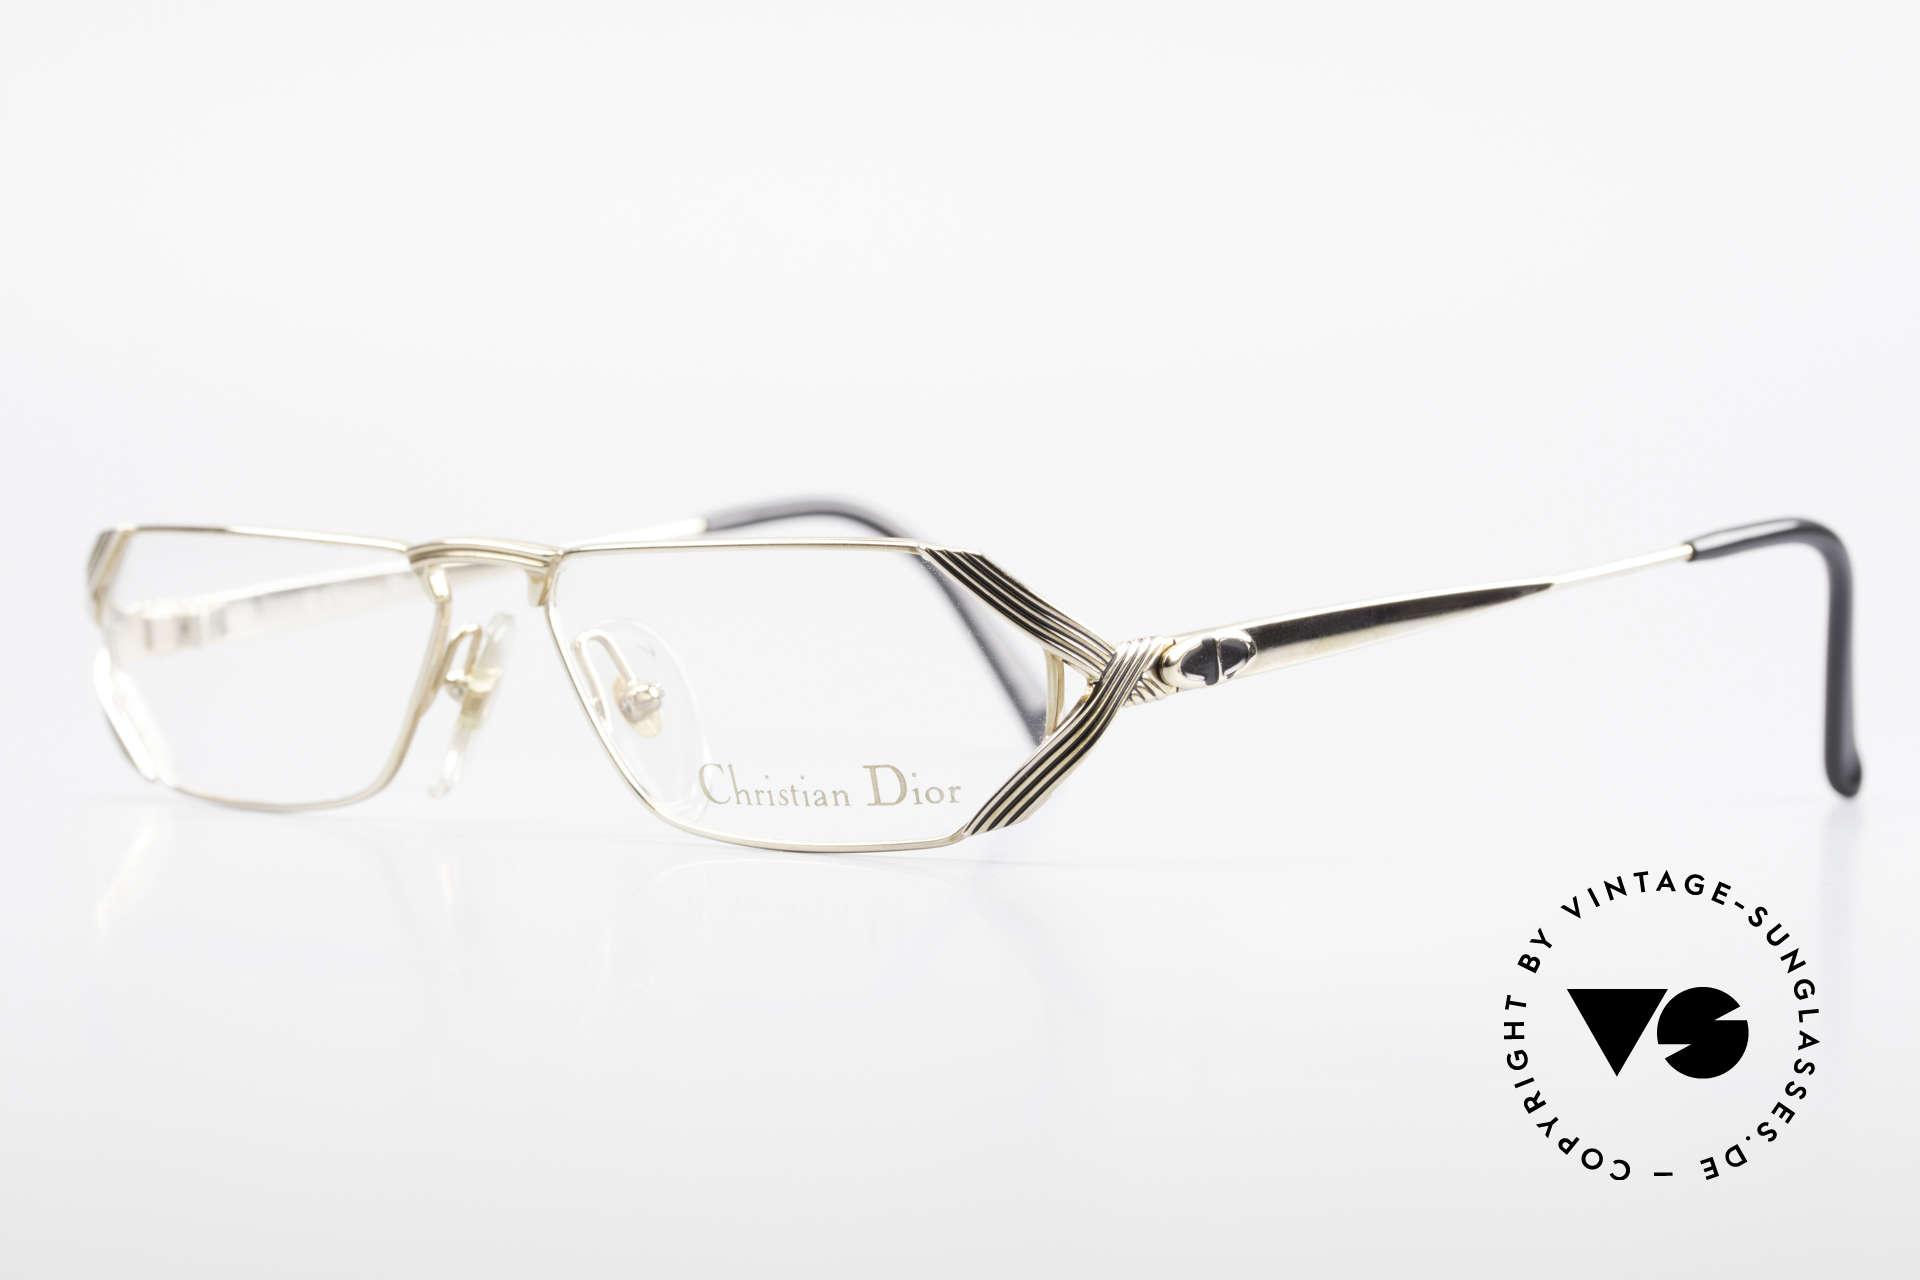 Christian Dior 2617 Rare Vintage Reading Glasses, GOLD-PLATED metal frame with subtle black stripes, Made for Men